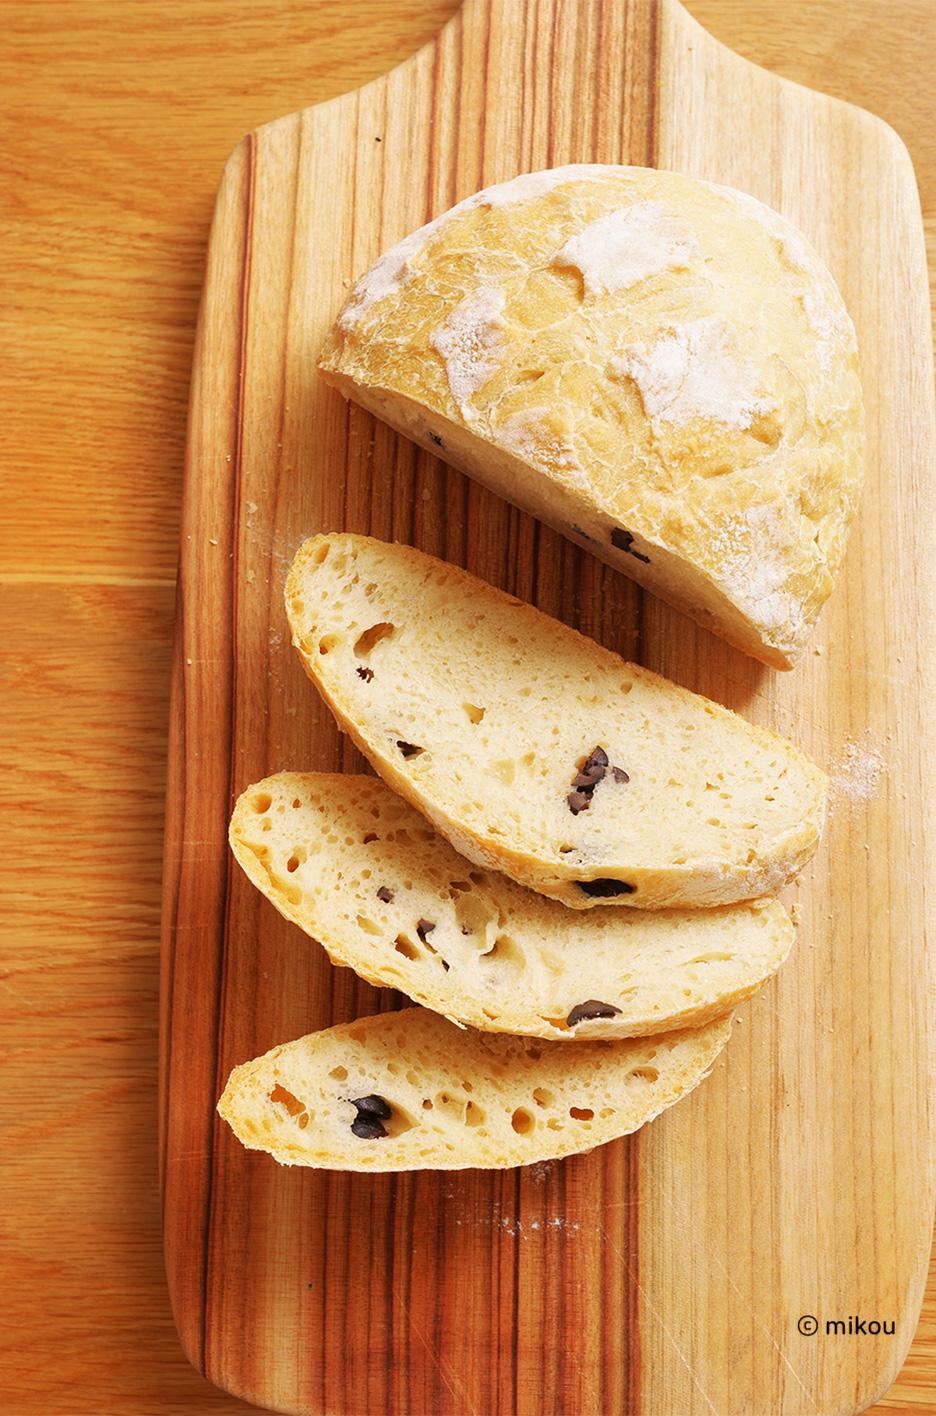 촉촉 부드러운 올리브빵 만들기